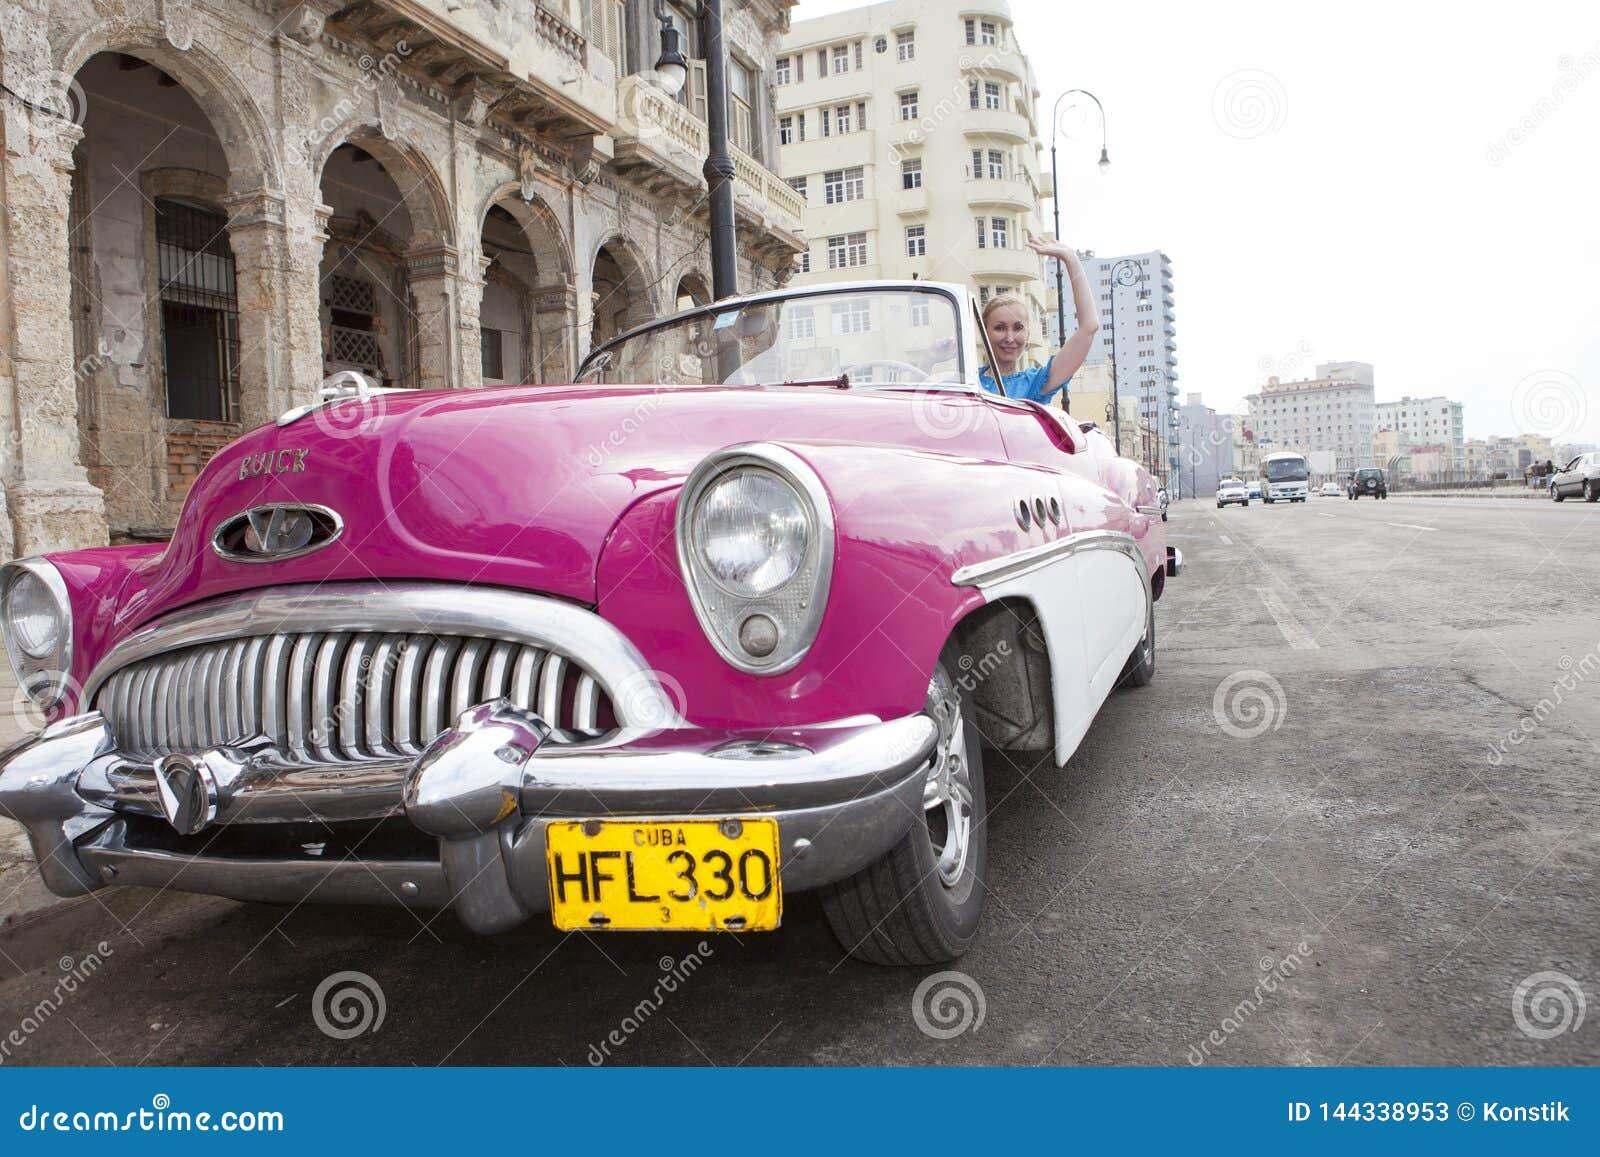 La Habana 27 De Enero De 2013 La Mujer Hermosa En Los 50 Os A Os De Un Coche Retro Americano Viejo De La Rueda Del Siglo Pasado Foto De Archivo Editorial Imagen